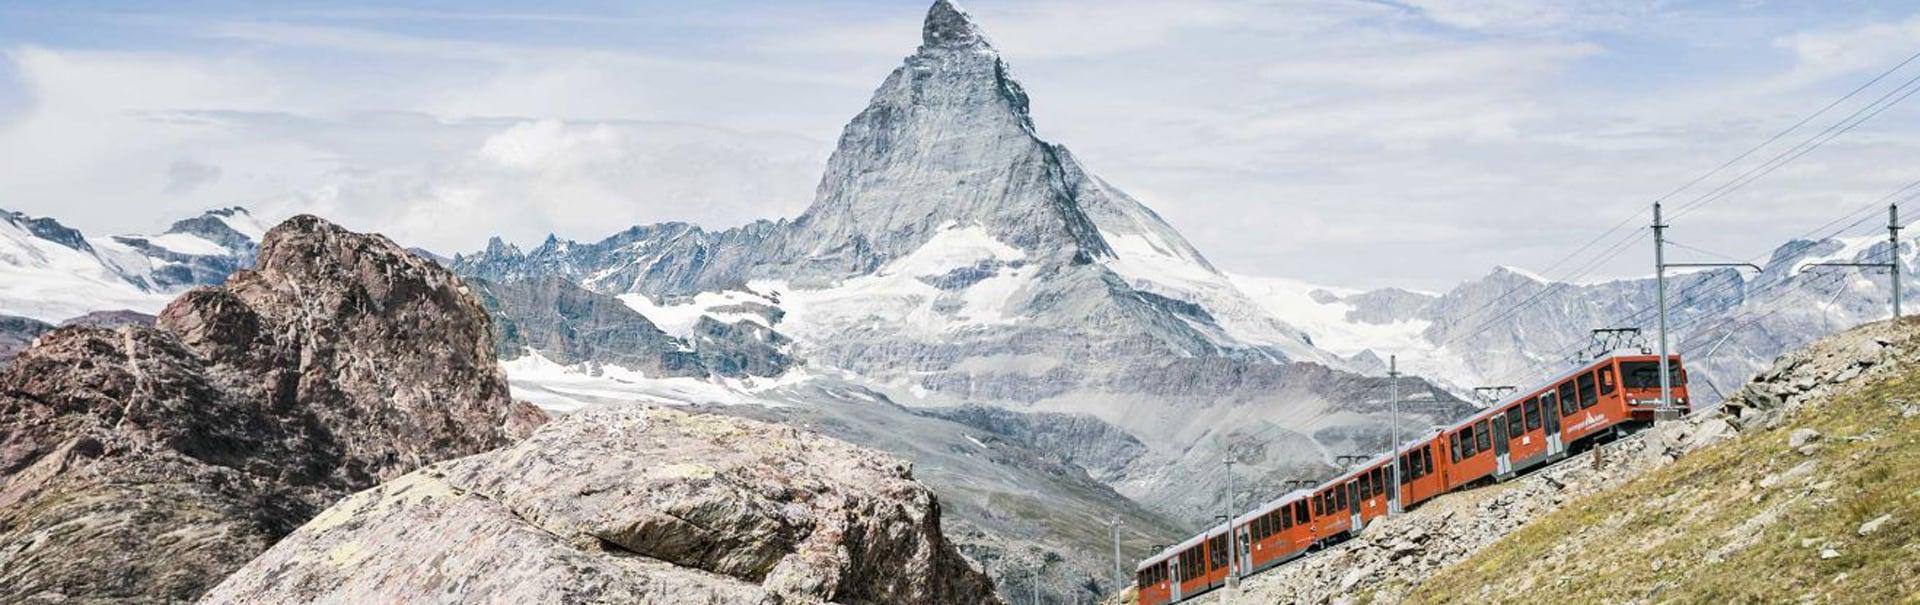 Switzerland with Zermatt (SHSW23) Banner